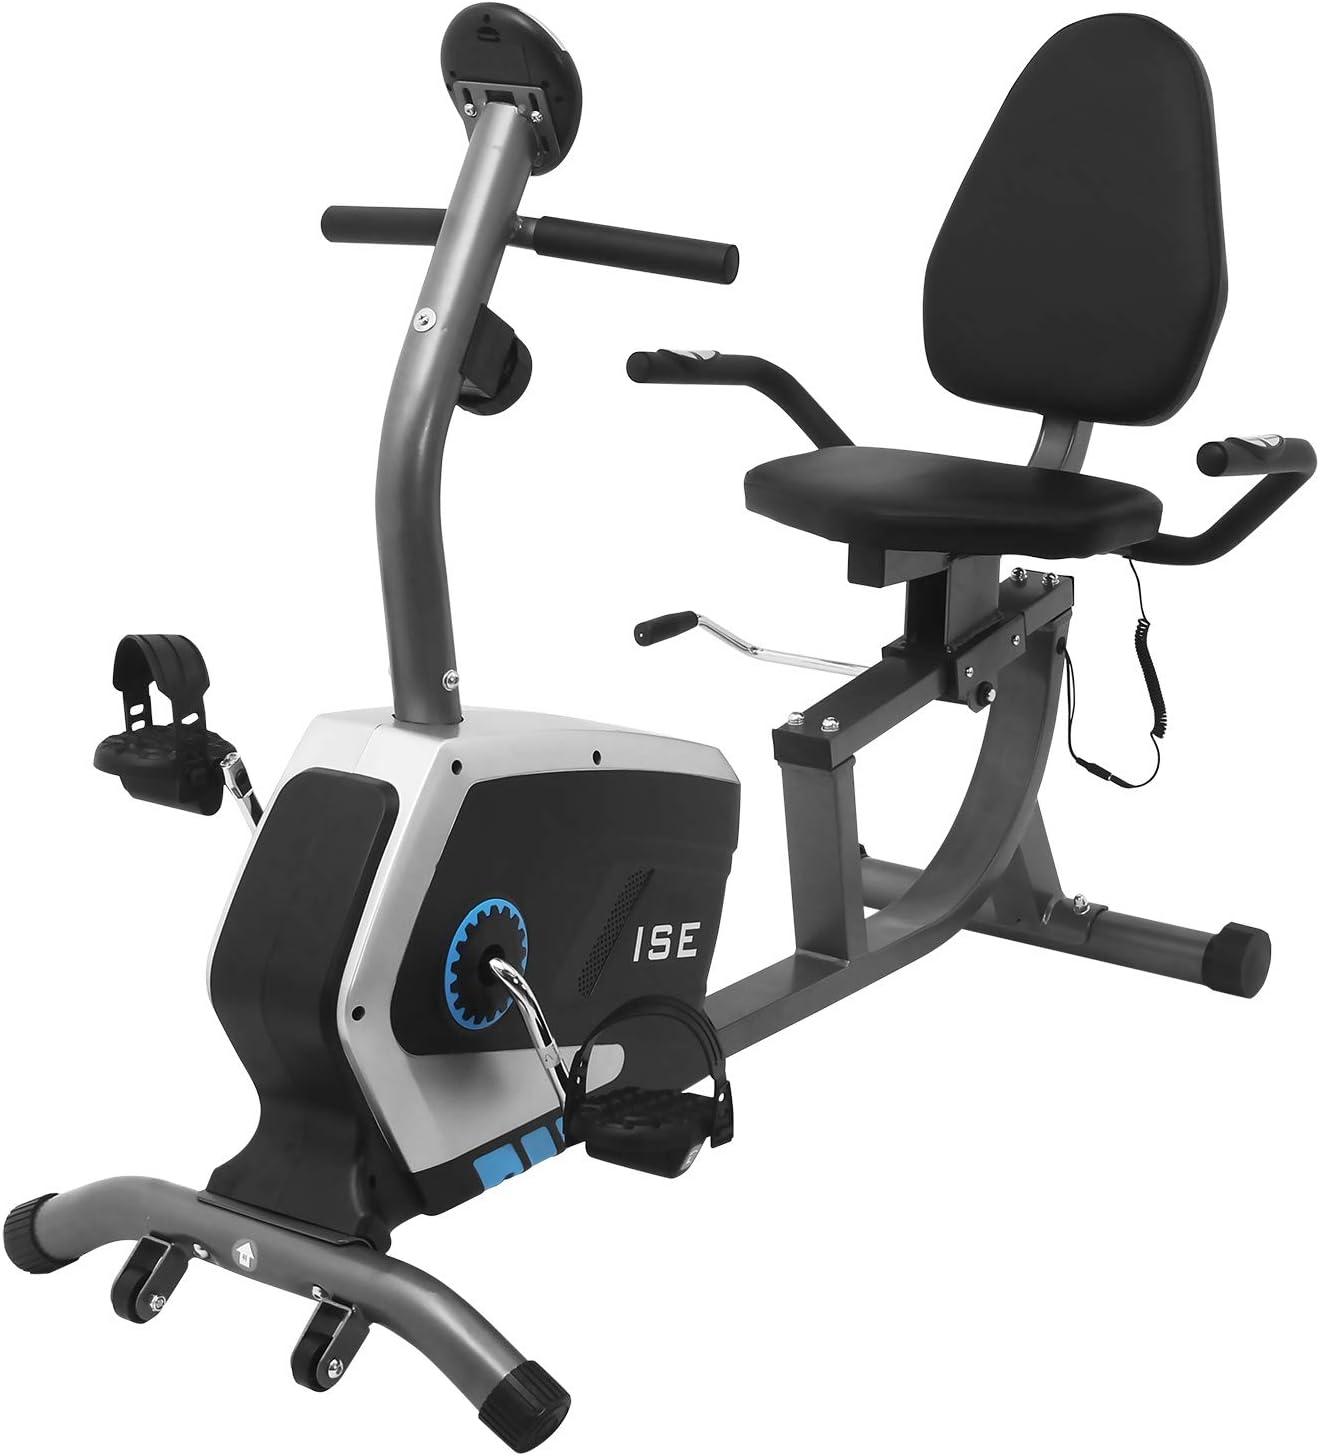 ISE Bicicleta Estática de Spinning Ejercicio Gimnasio con 8 Niveles de Resistencia, Sensor de Pulso, Bicicleta Elíptica de Fitness con Respaldo, Pantalla, Sillín Ajustable